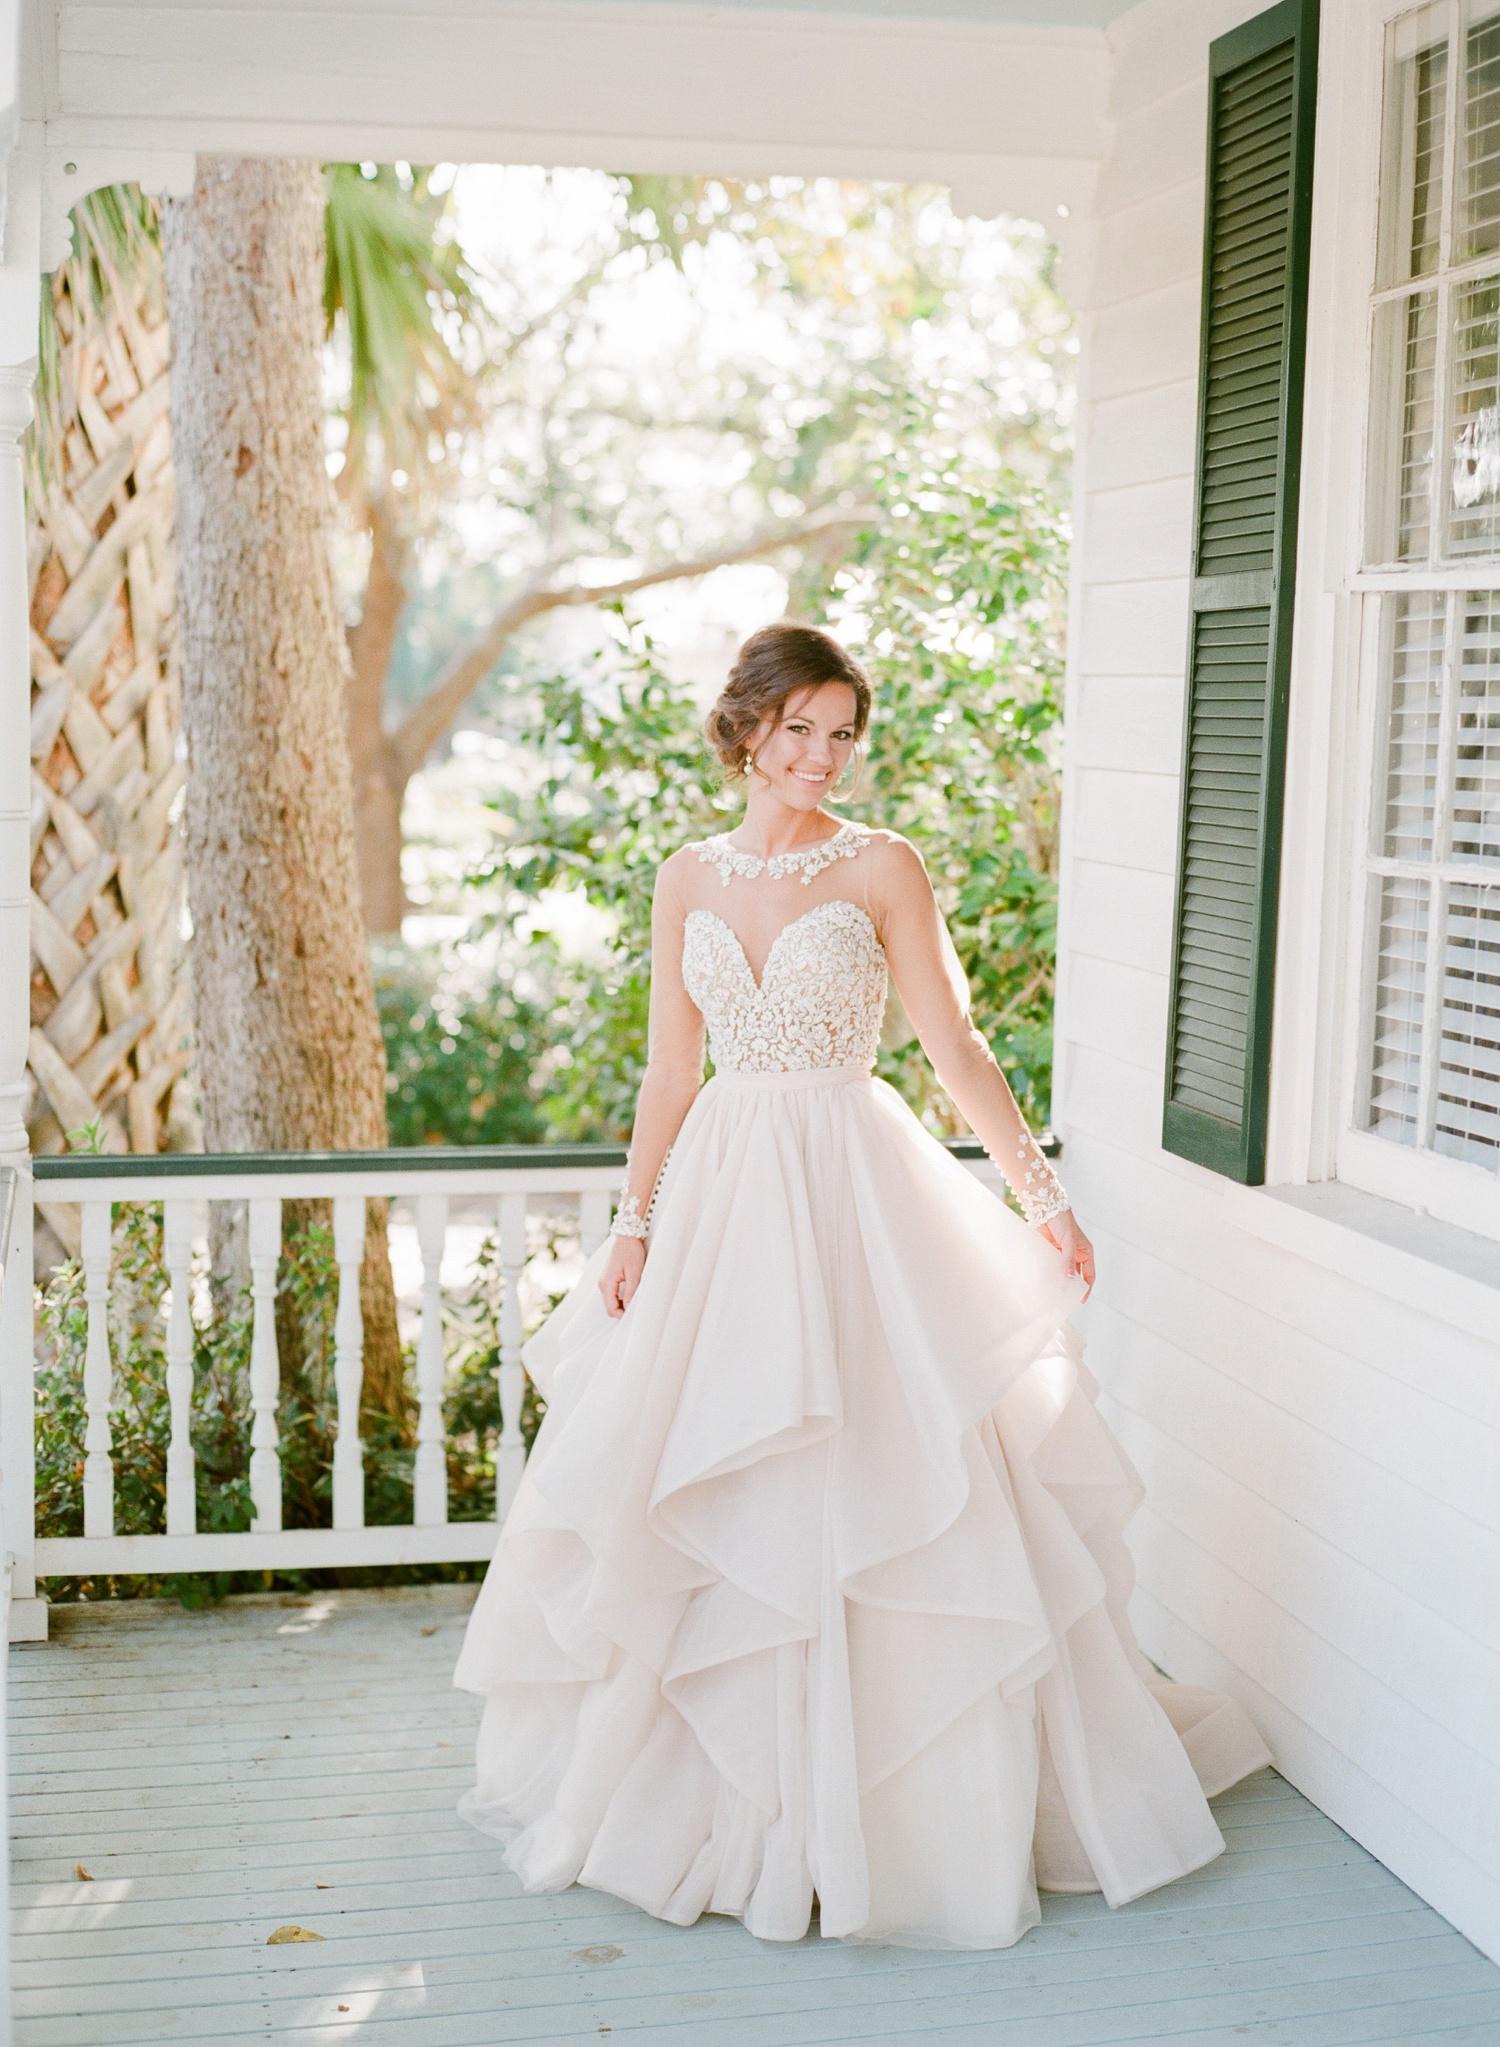 Beautfort-Wedding-Photographer_0009.jpg